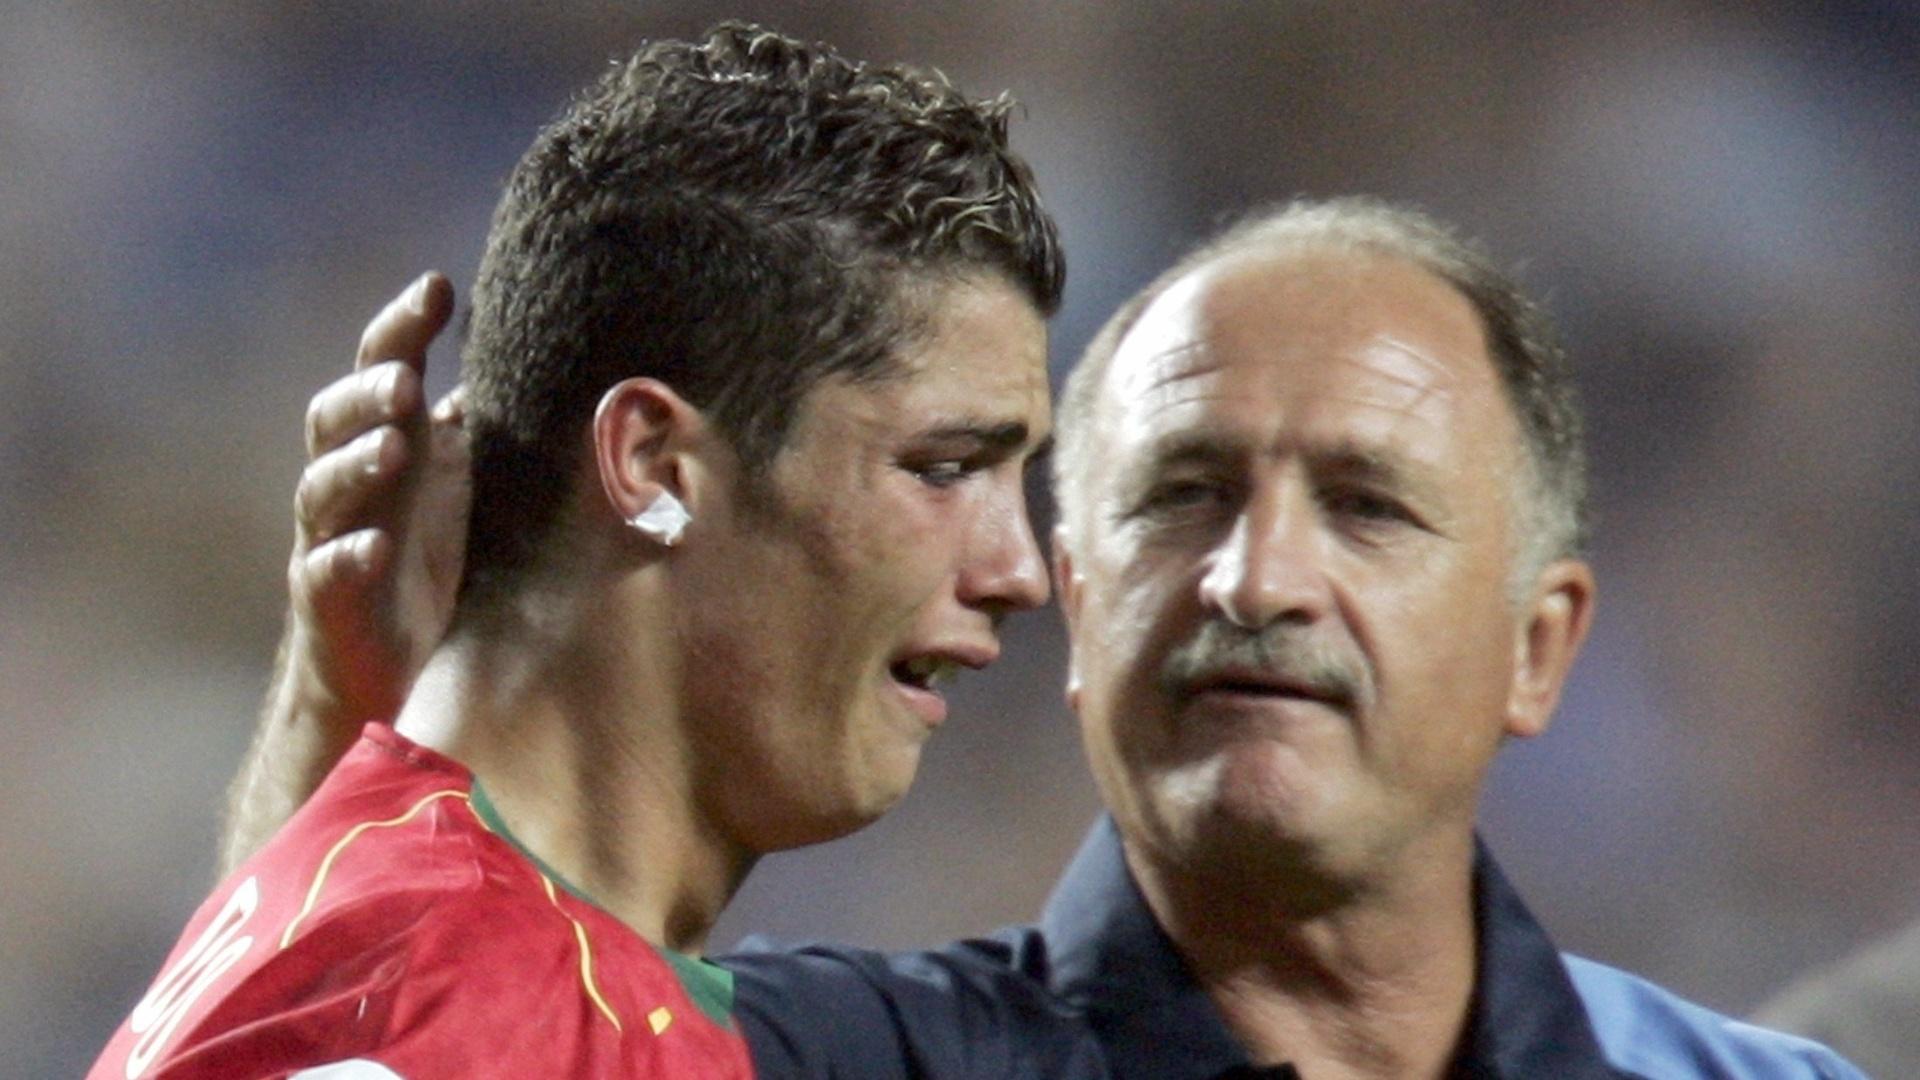 Luiz Felipe Scolari, técnico da seleção portuguesa, consola Cristiano Ronaldo após a derrota na final da Eurocopa de 2004 para a Grécia